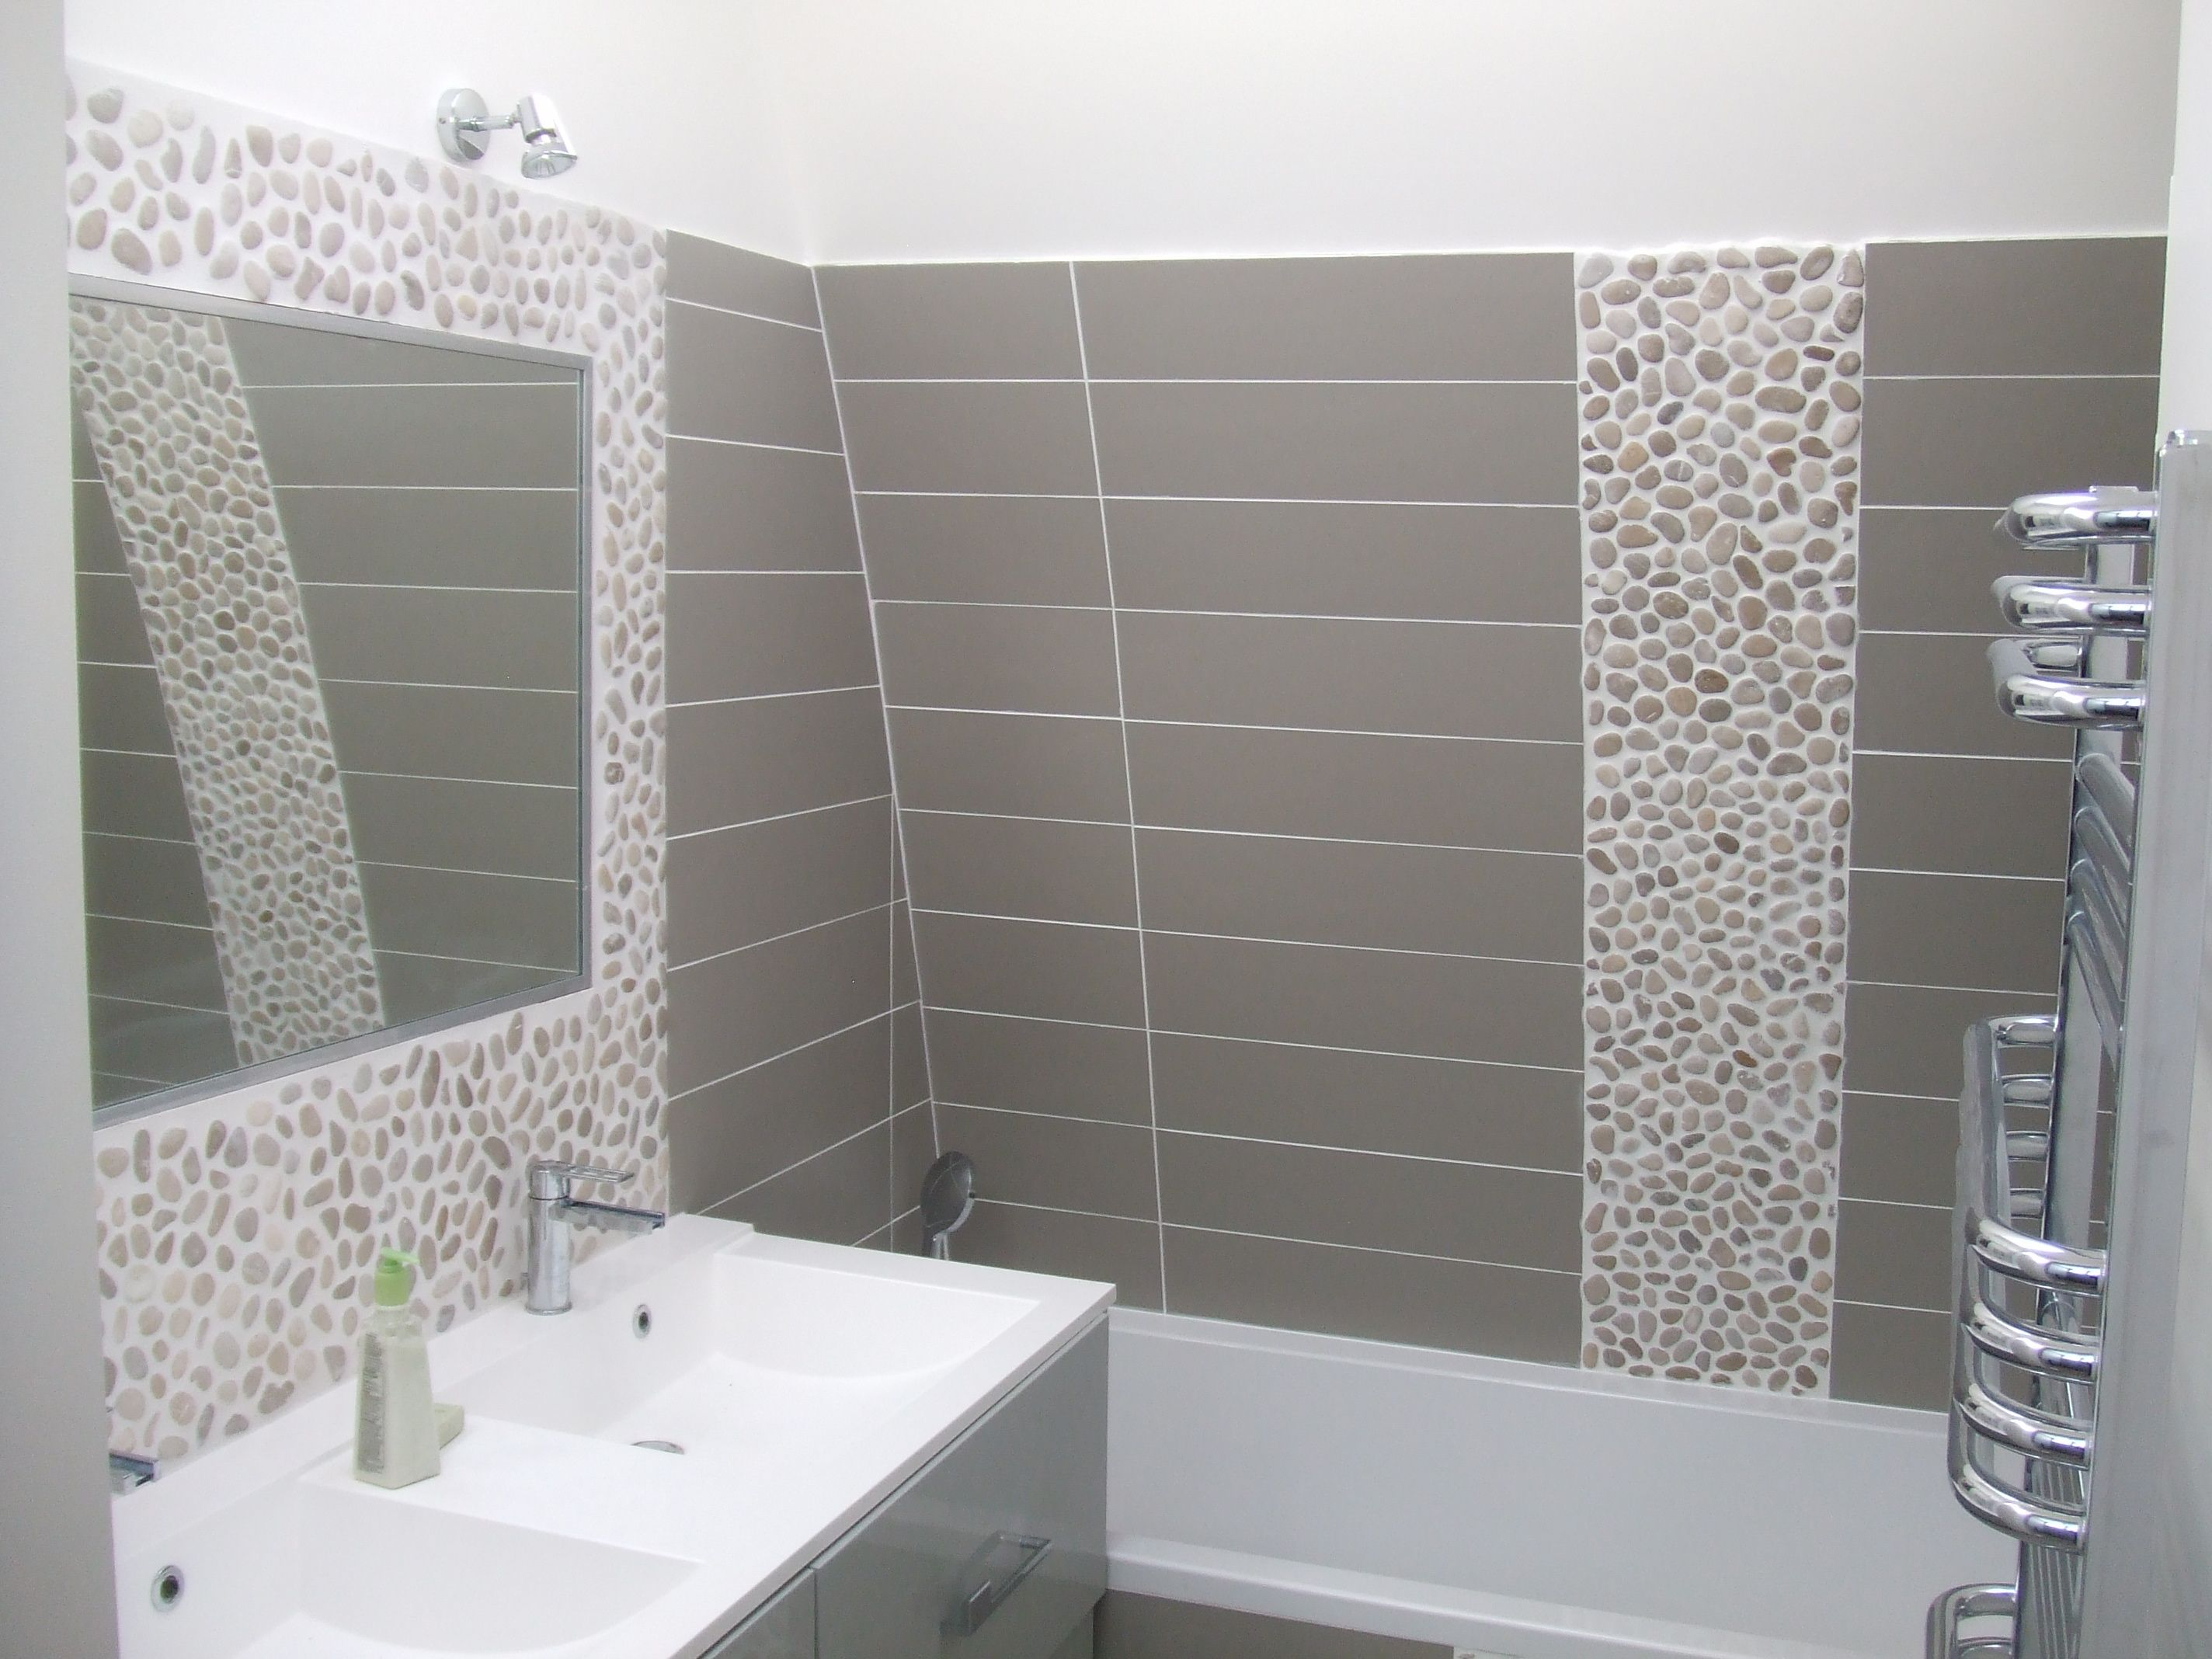 Carrelage Metro Blanc Joint Gris salle de bain ton gris, galet couleur crème. www